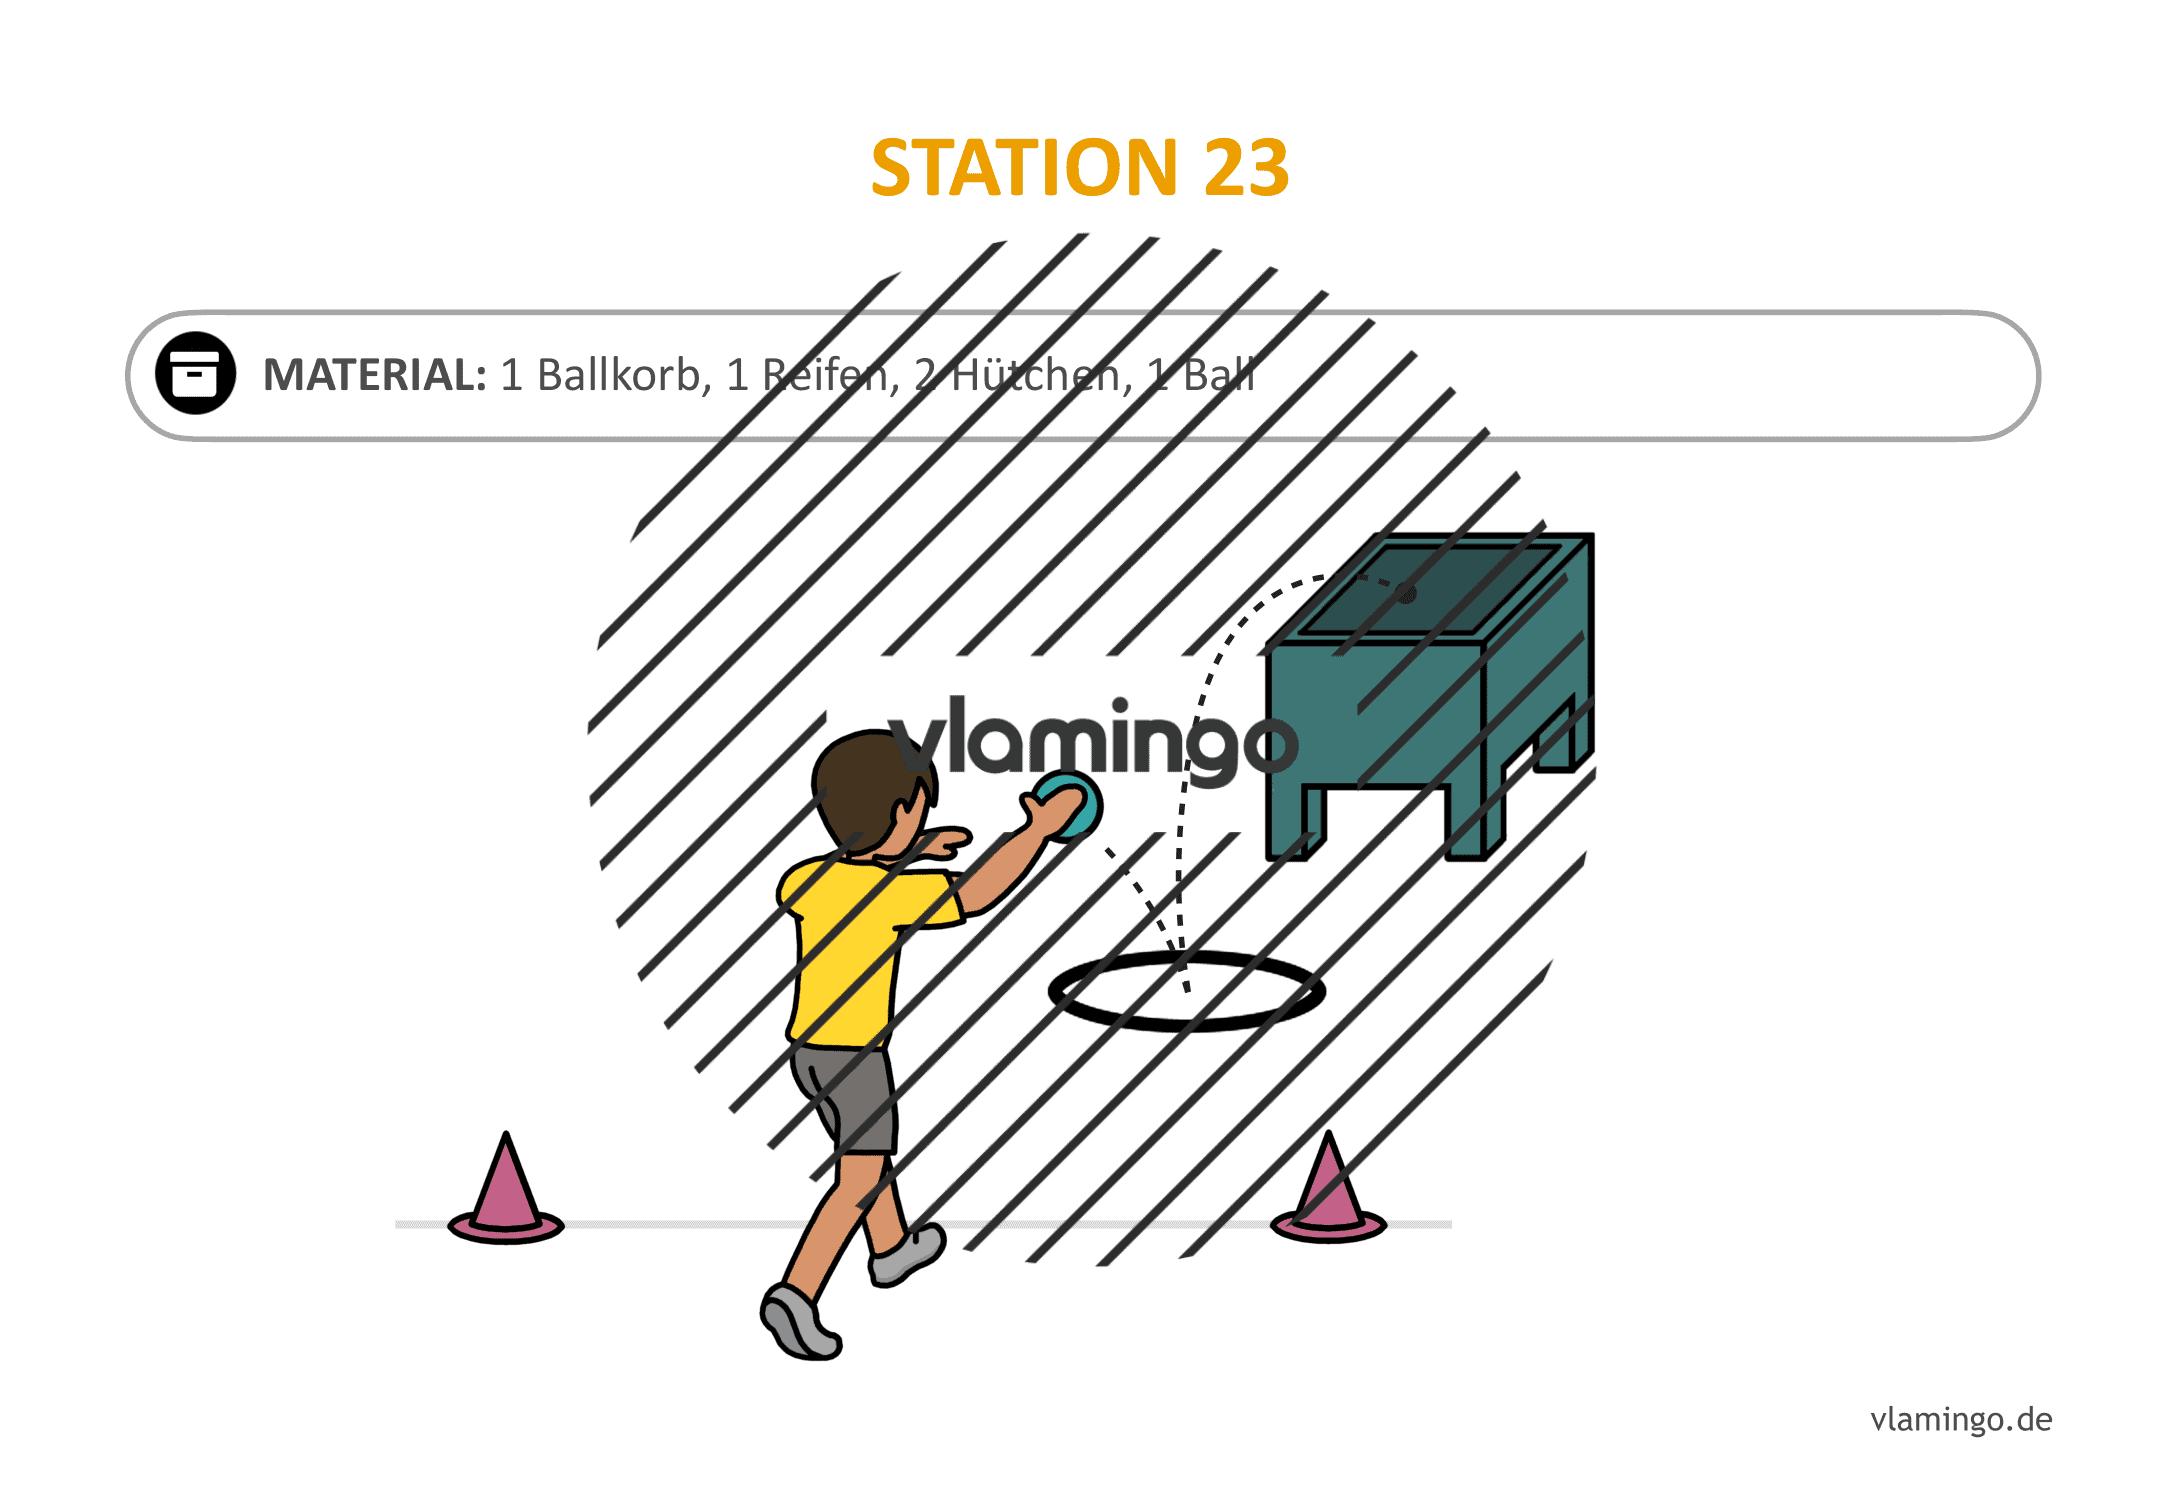 Handballgolf - Station-23